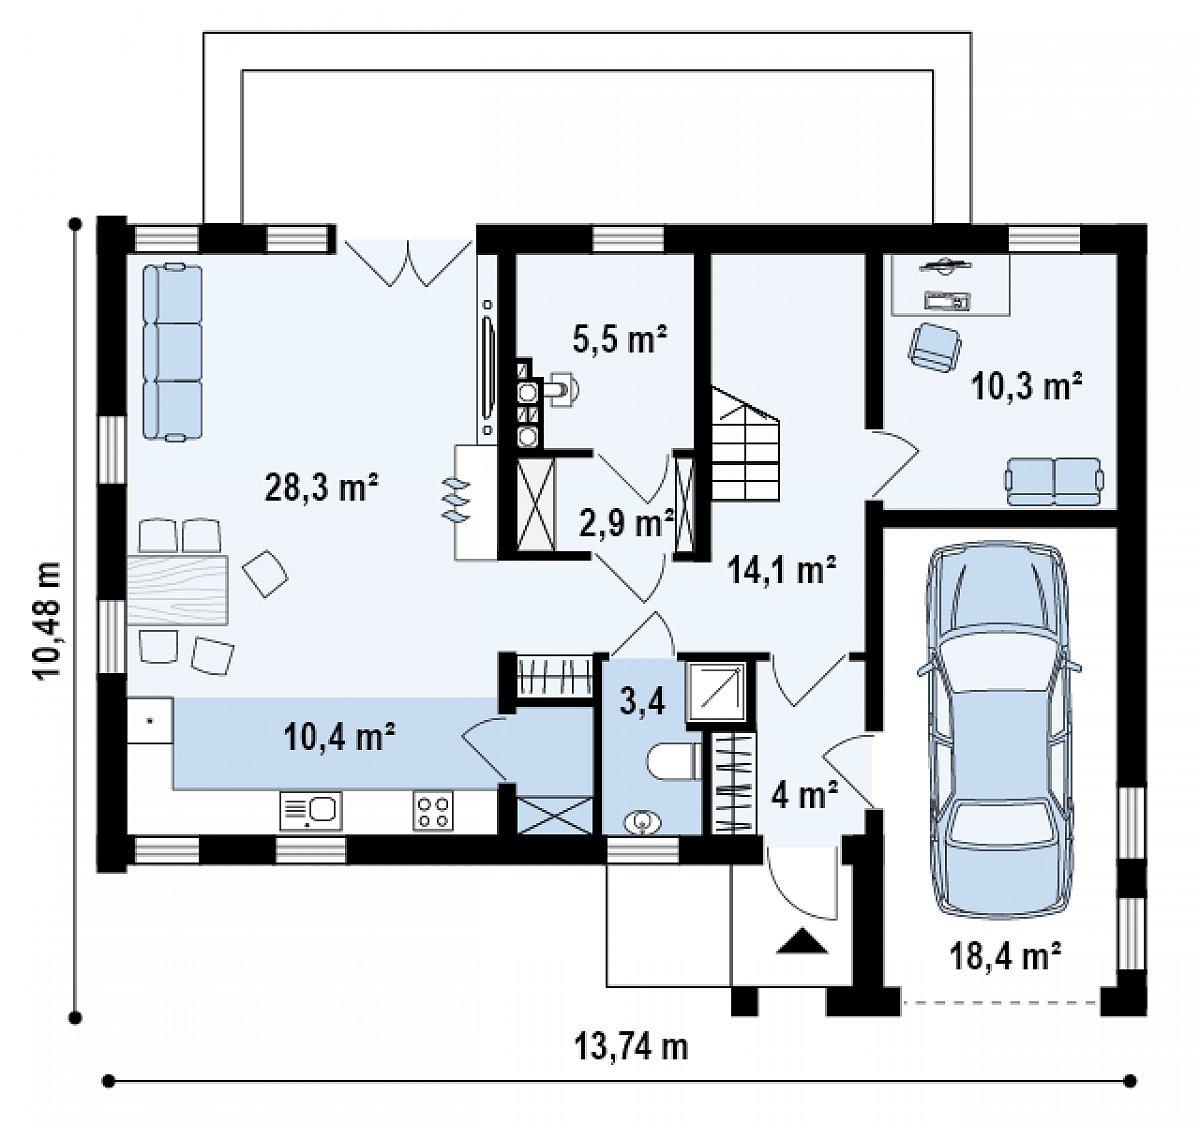 Первый этаж 78,9(97,2м²) дома Zx38